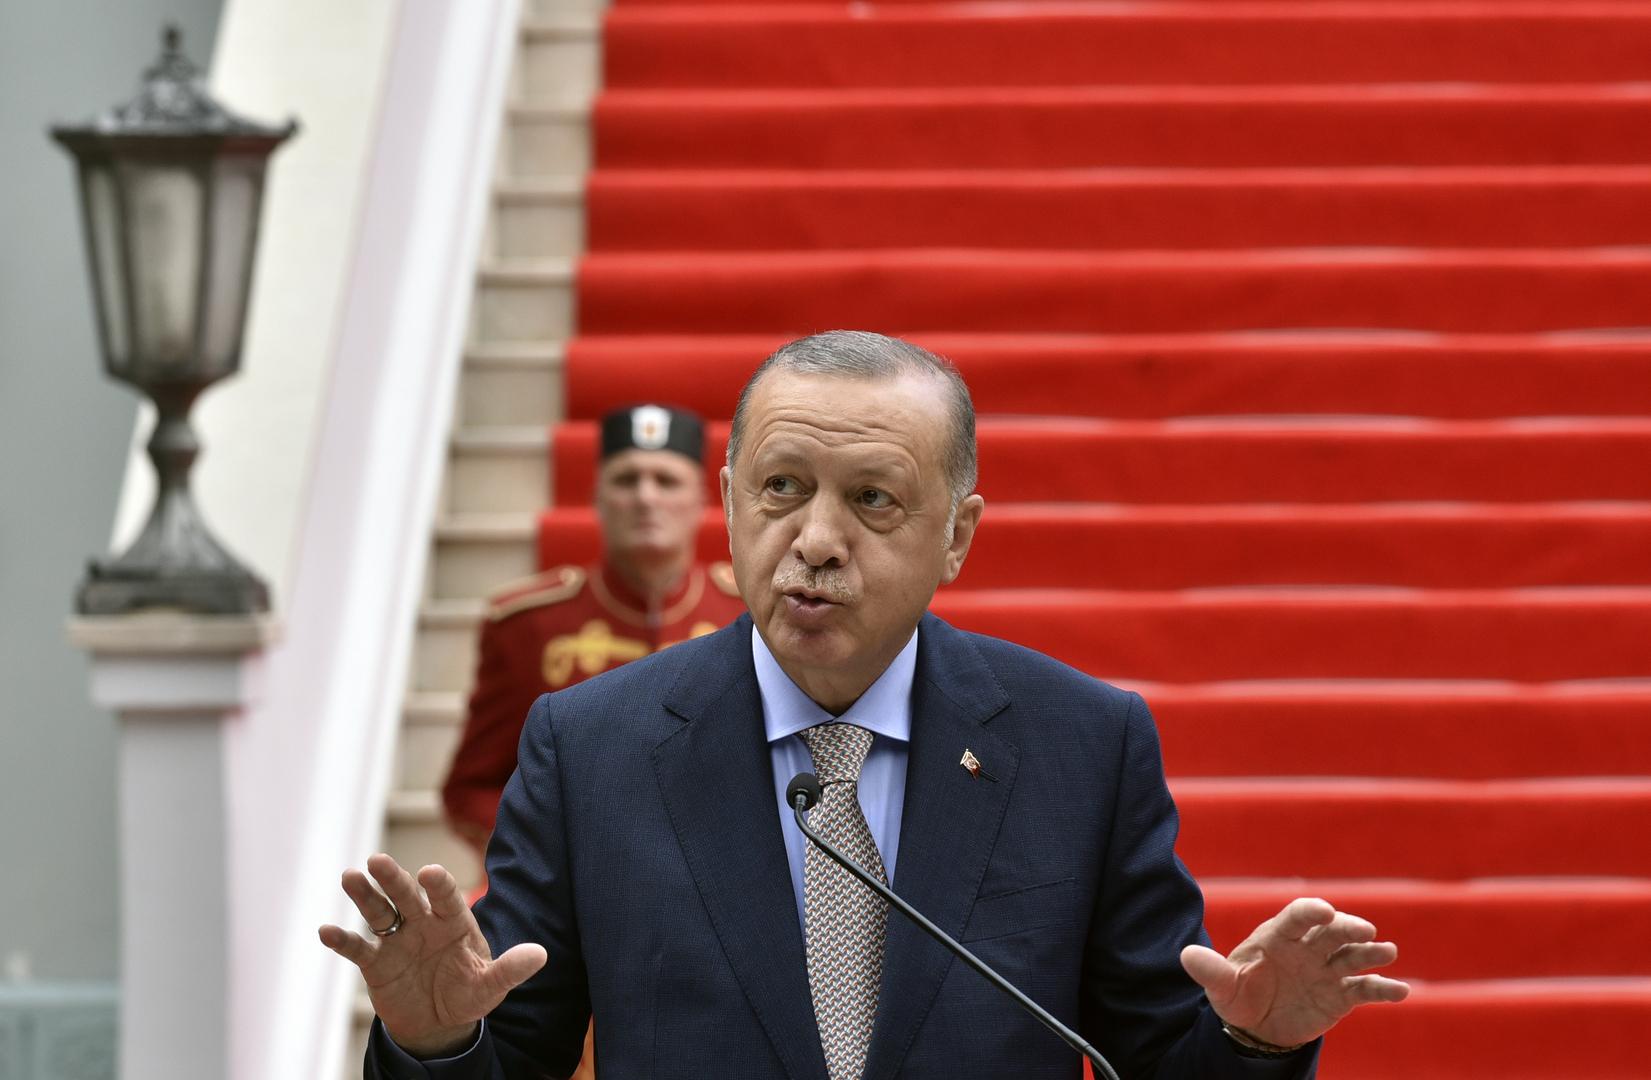 أردوغان في هجوم حاد على بايدن: لم أر مثل هذا الموقف مع أي من الإدارات الأمريكية السابقة